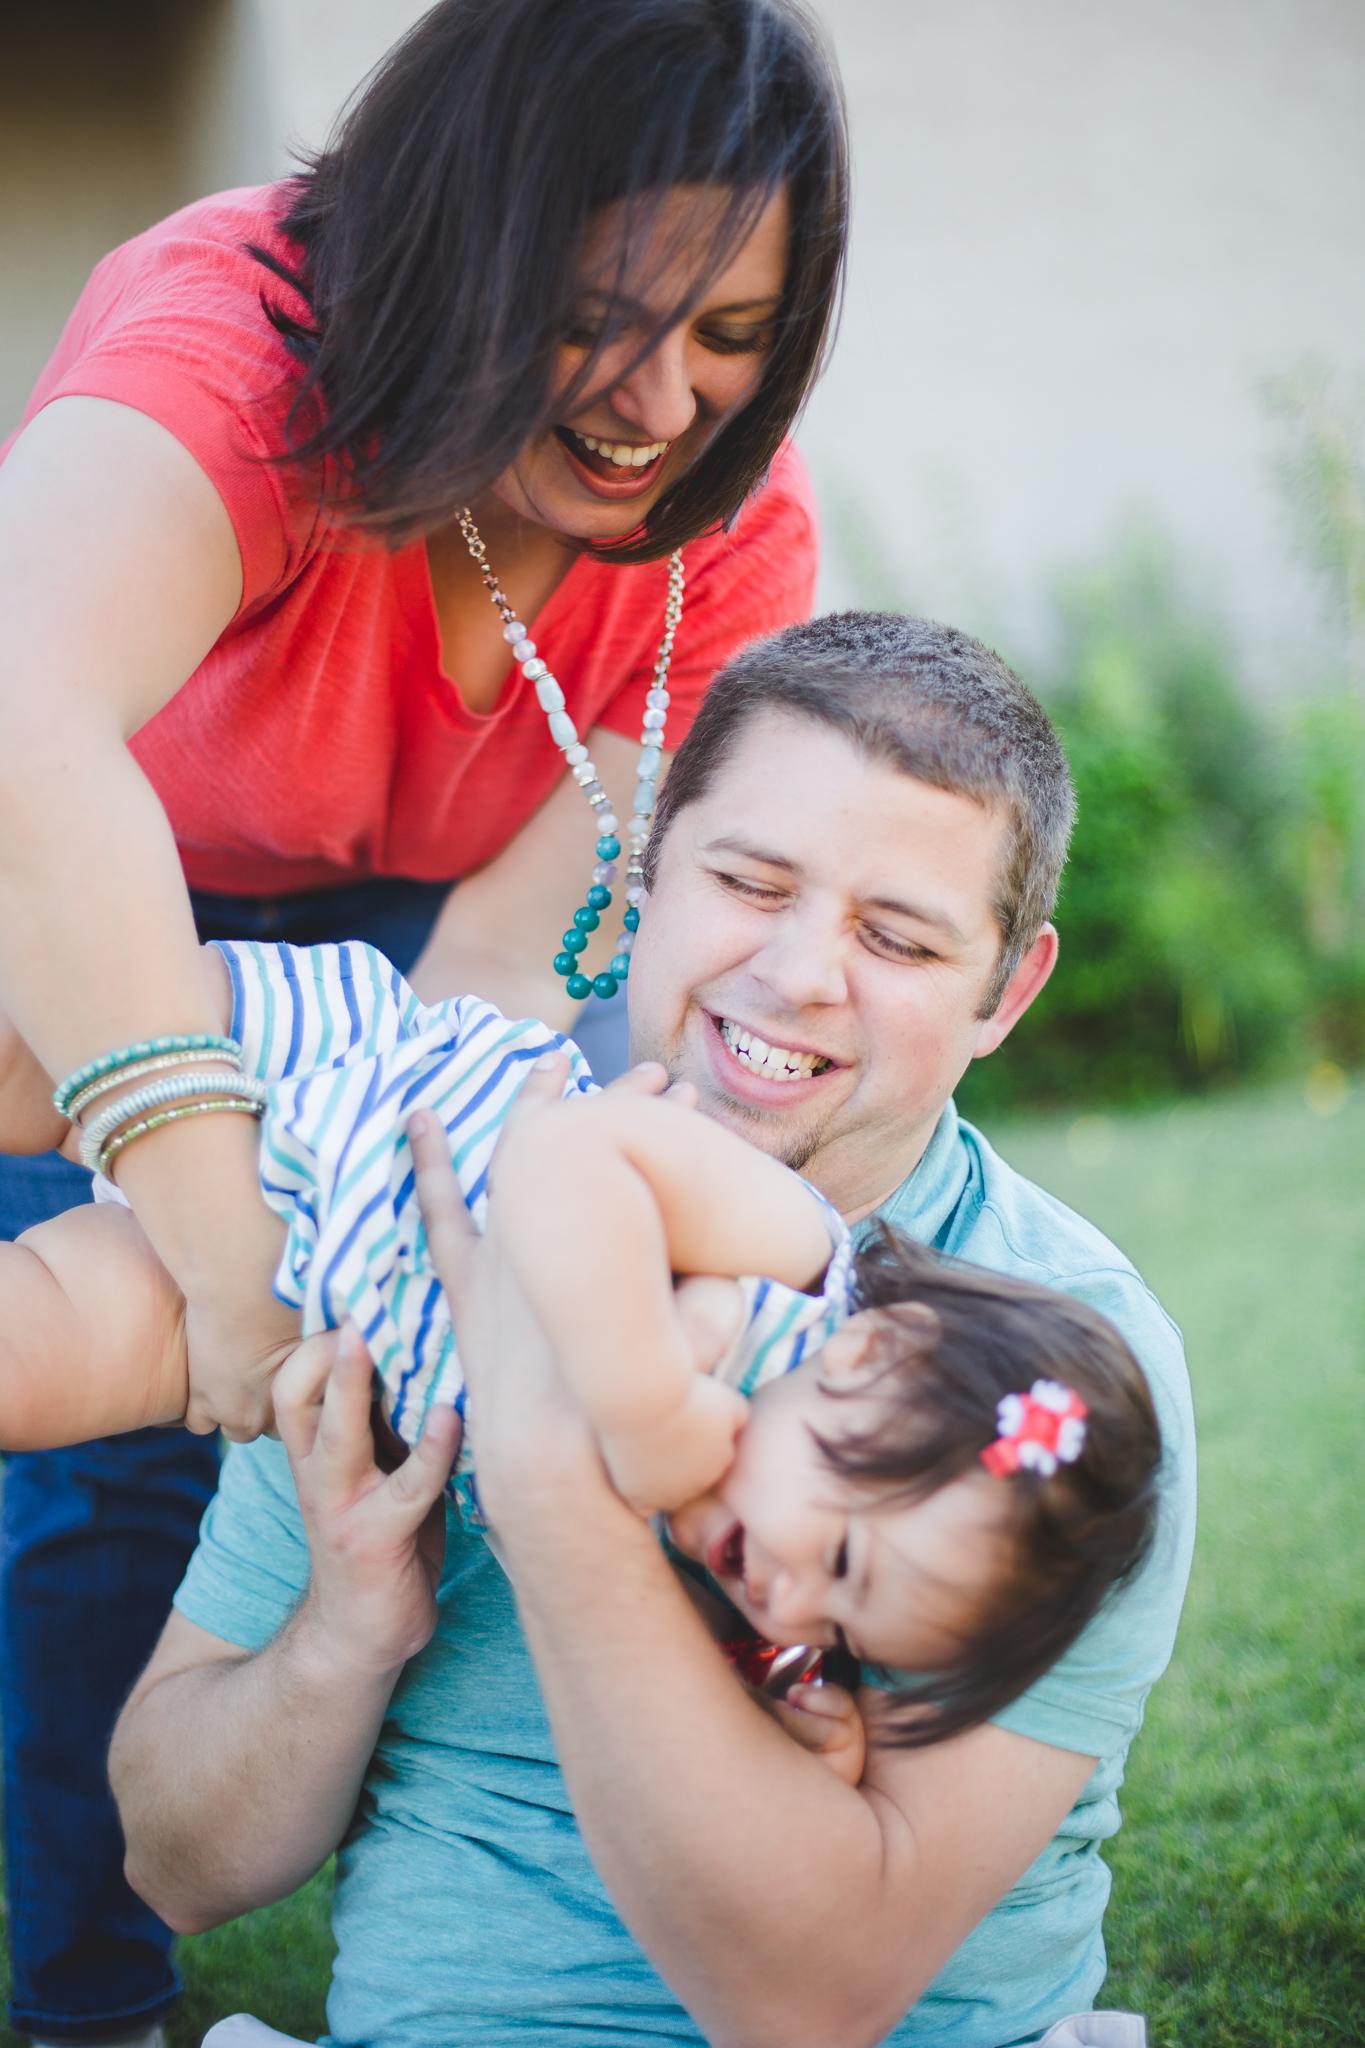 phoenix-photographer-baby-birthday-shoot-family-playing